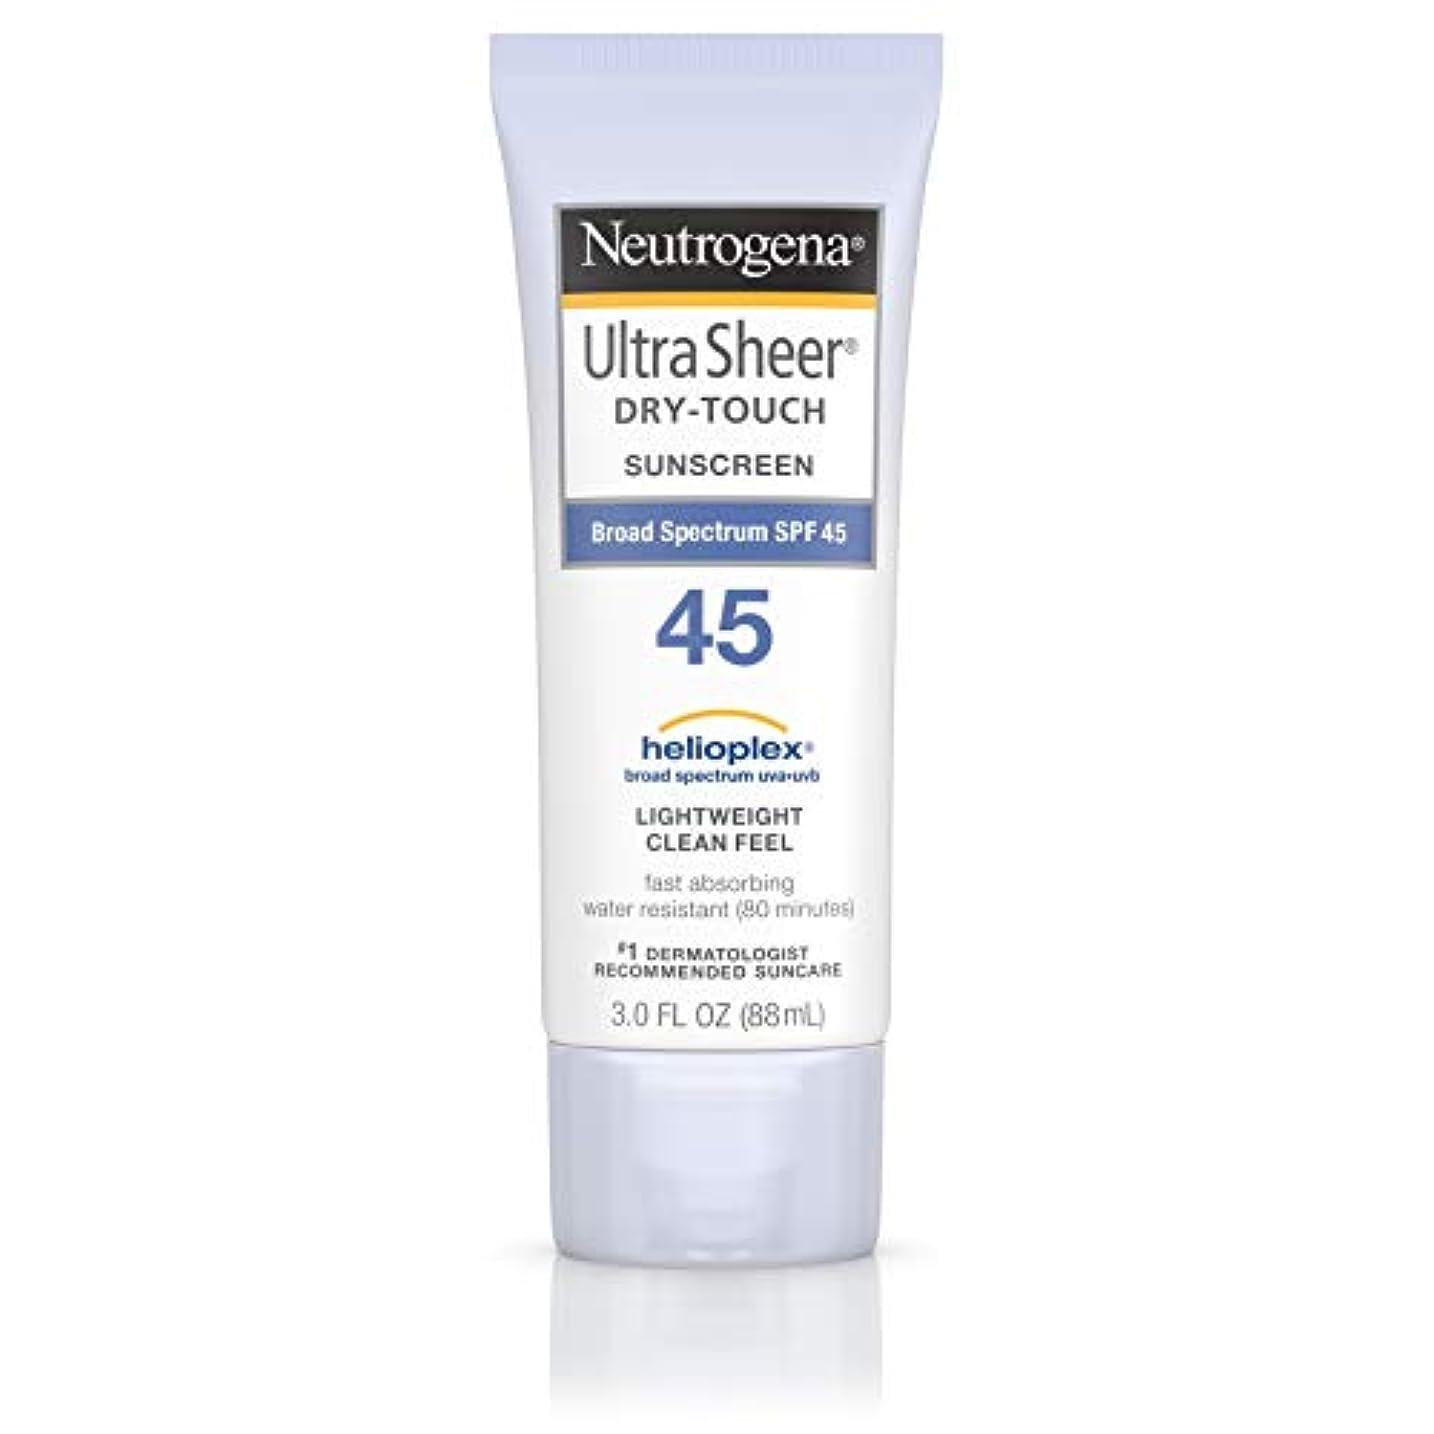 チャンス引っ張るぜいたく海外直送品 Neutrogena Neutrogena Ultra Sheer Dry-Touch Sunblock Spf 45【並行輸入品】